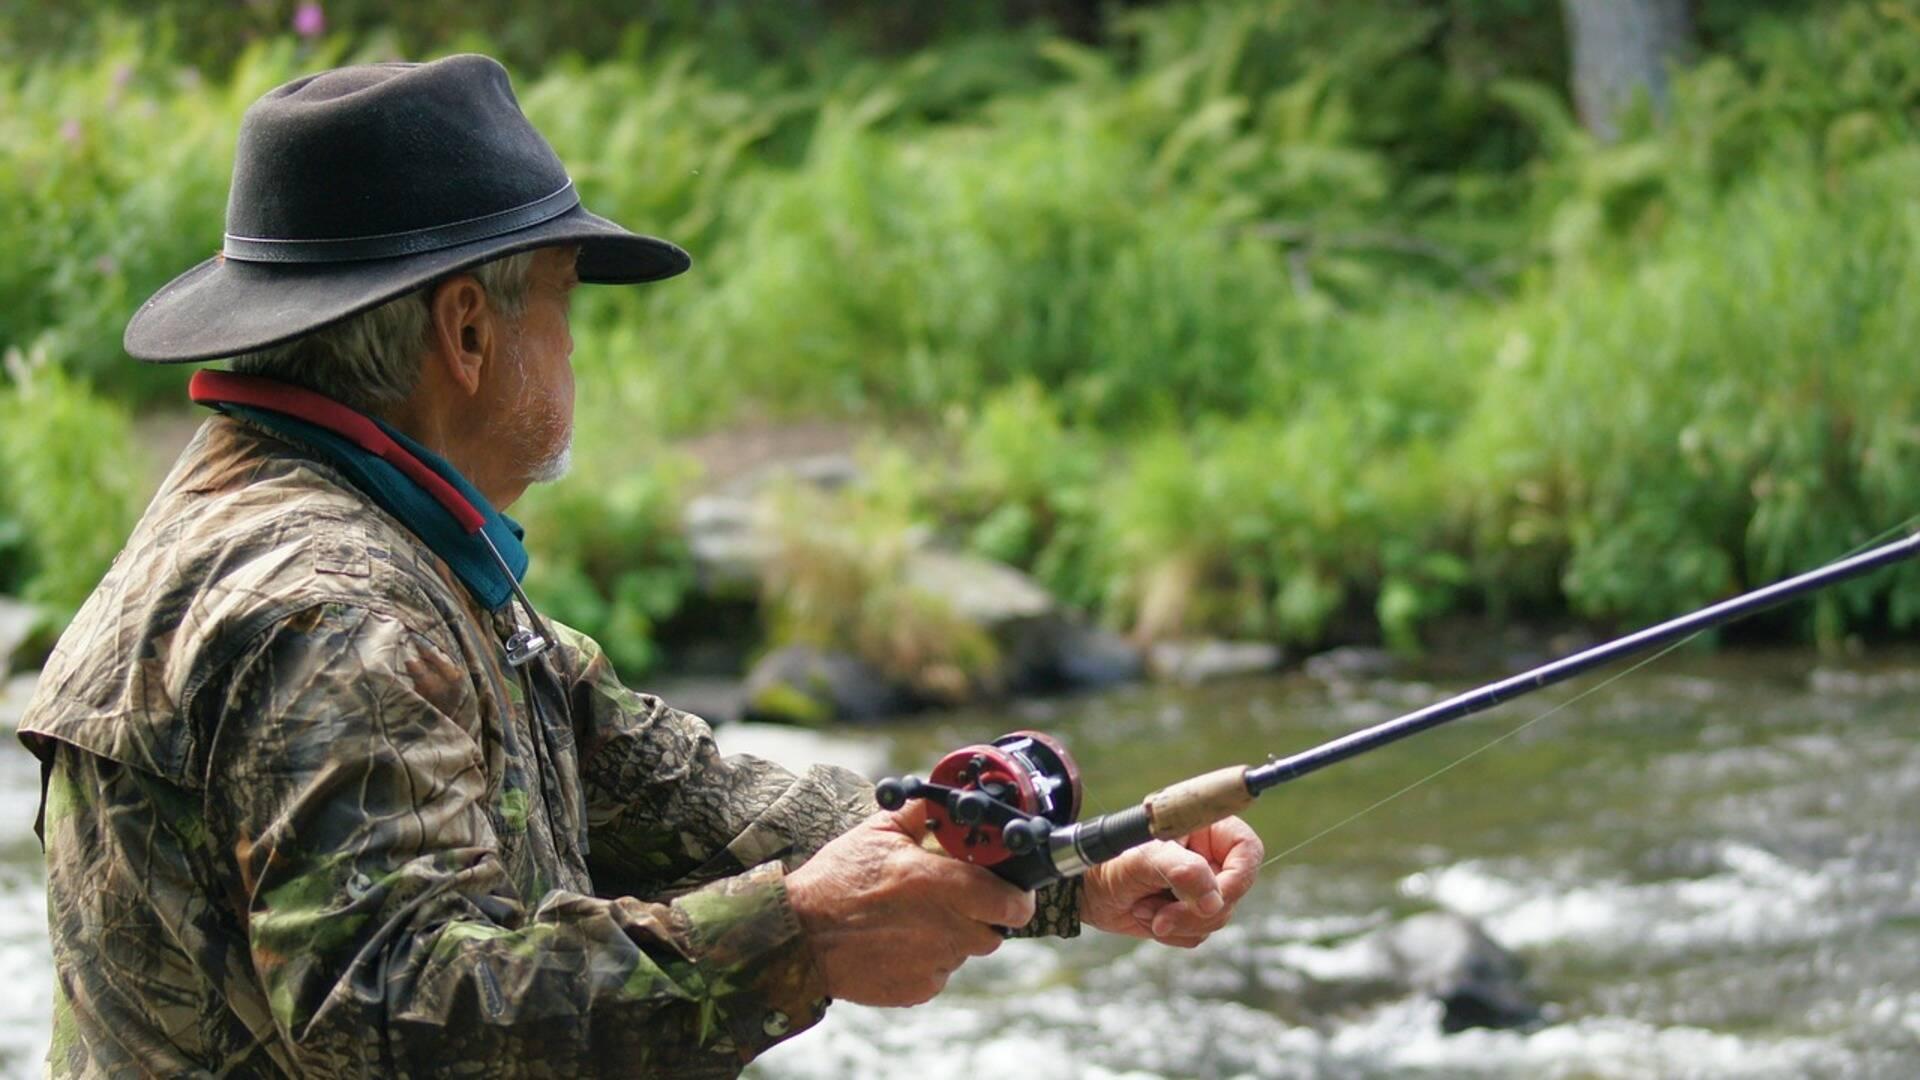 Un pêcheur à l'oeuvre